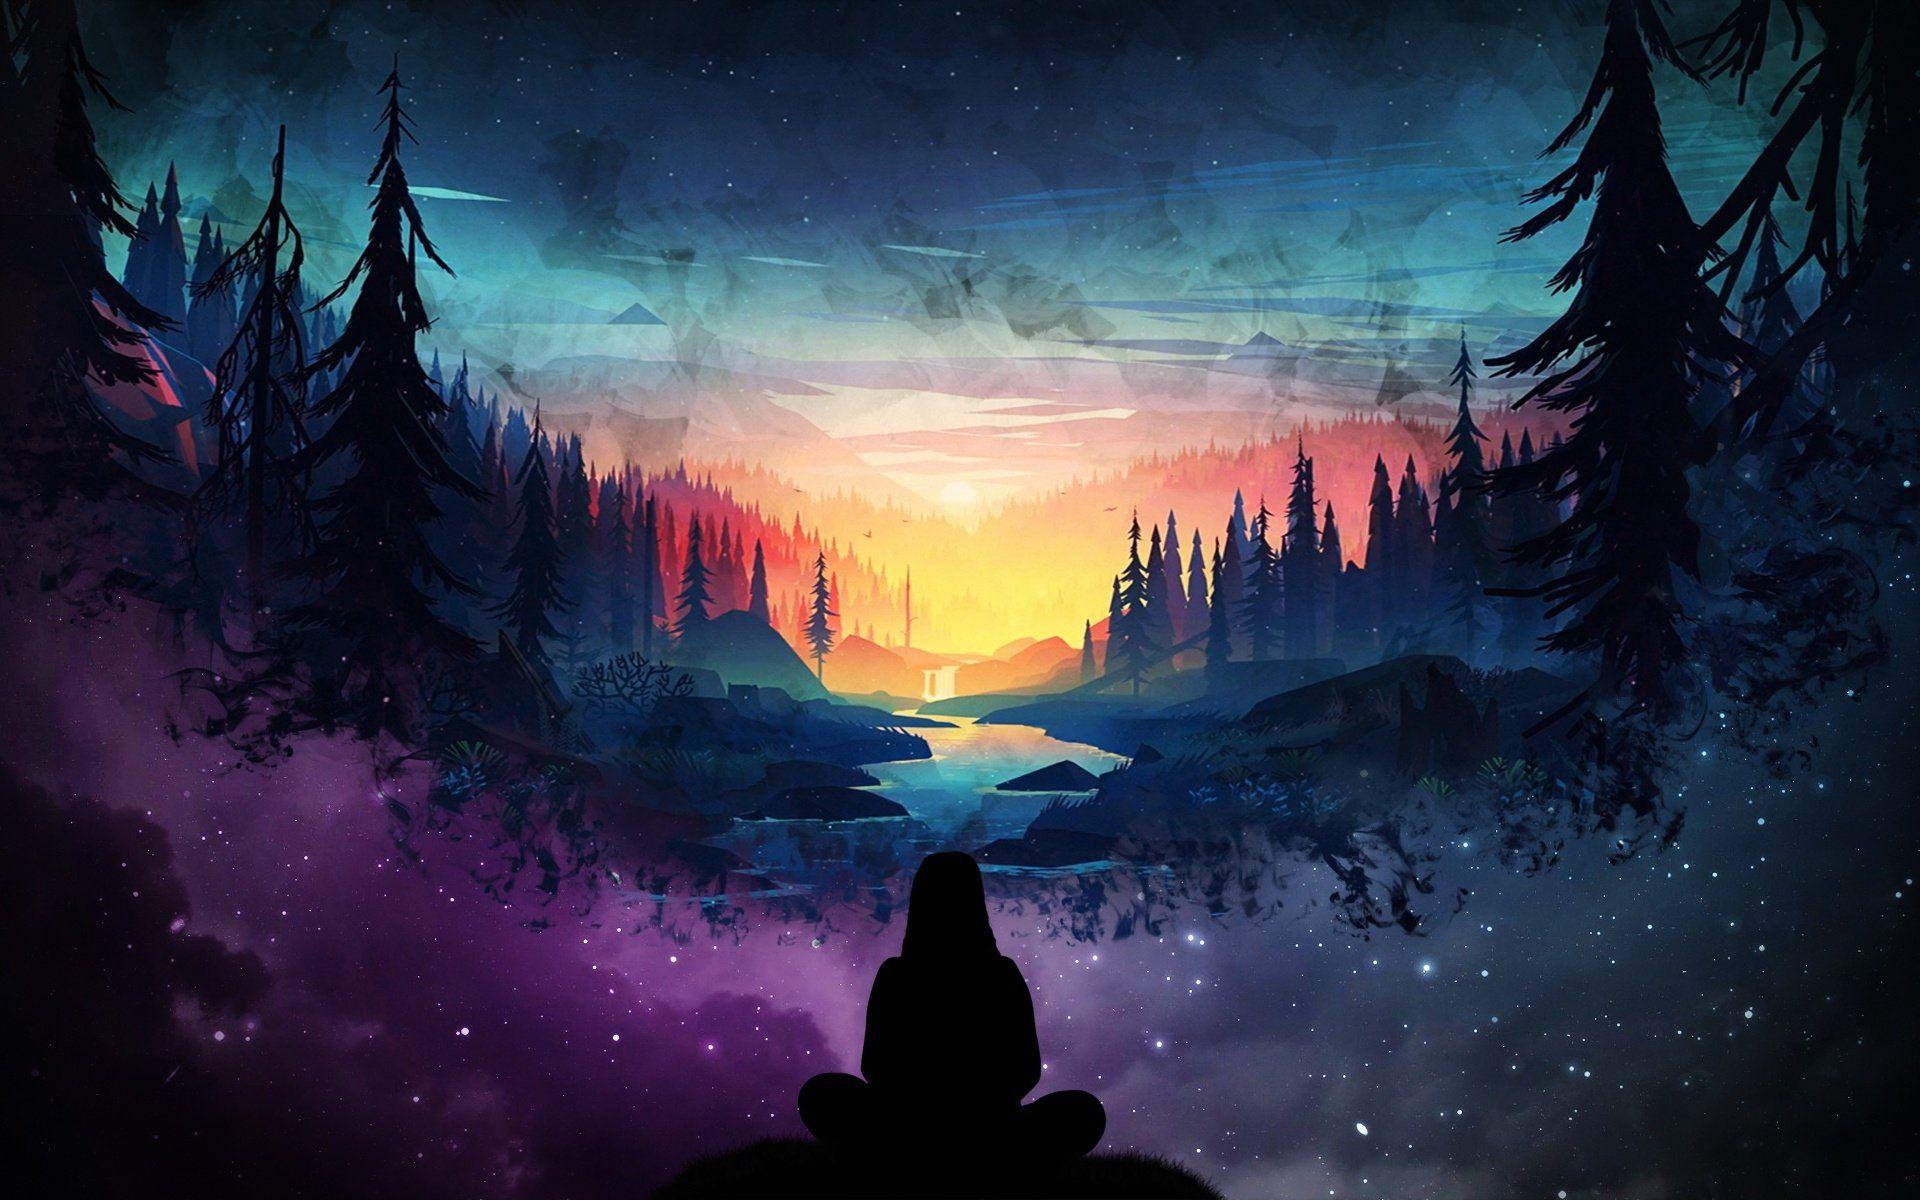 Artistic Landscape Nature River Sunrise Forest Girl